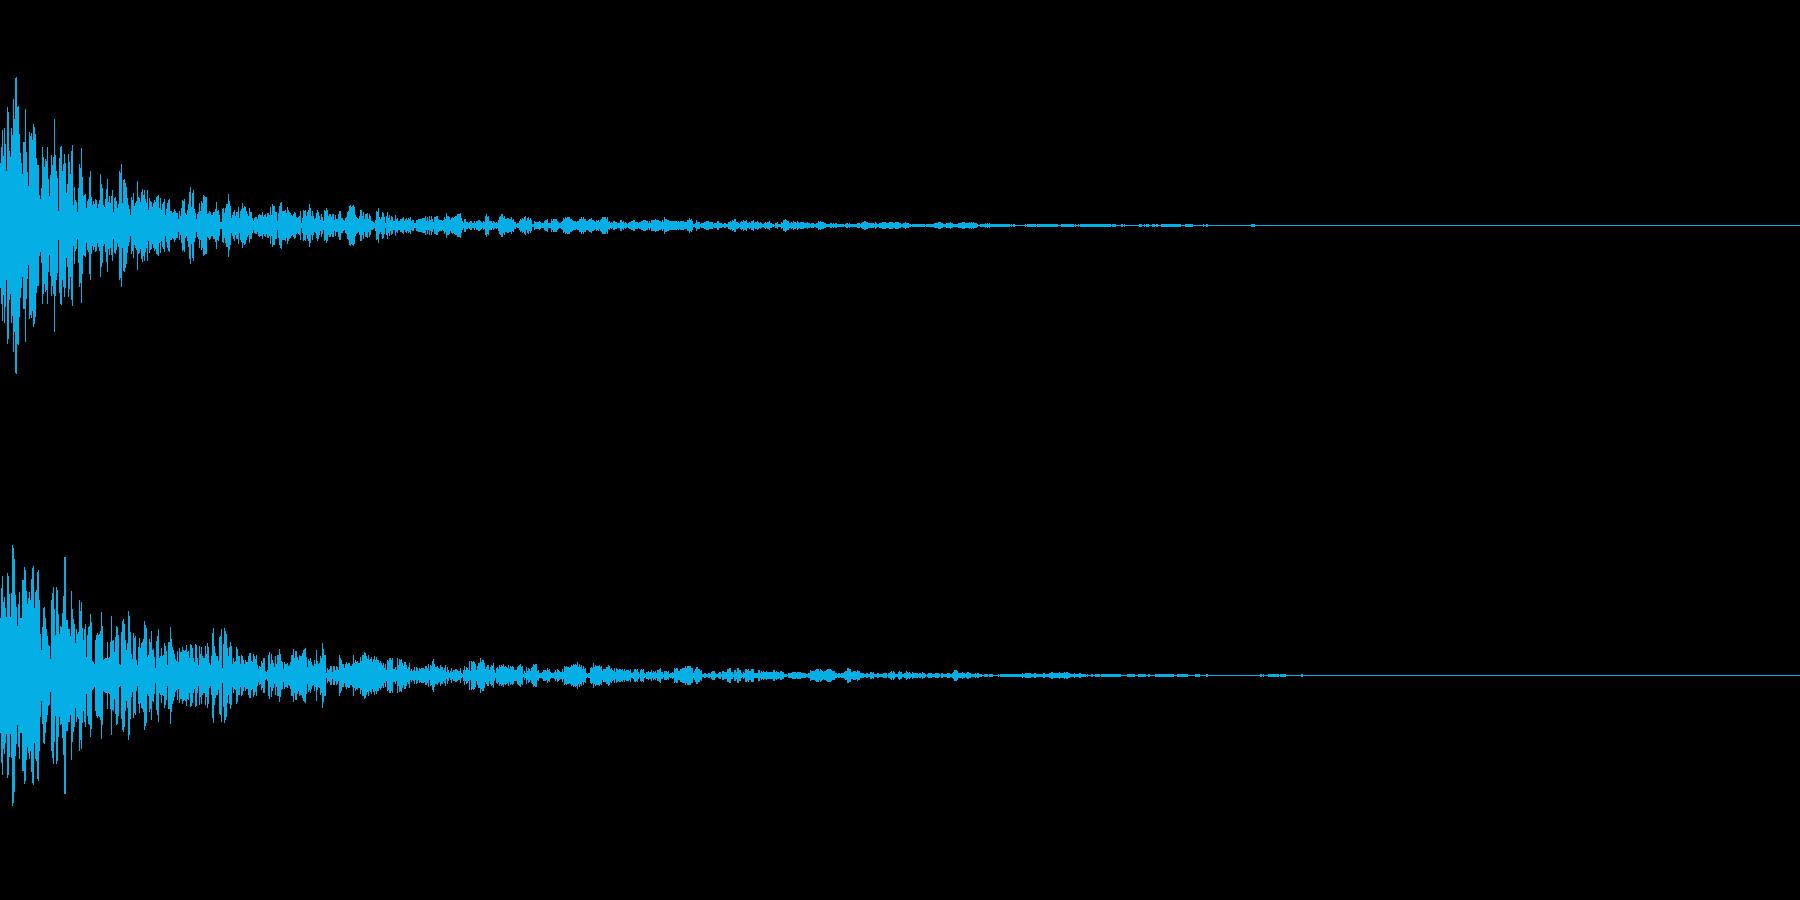 ドーン-38-1(インパクト音)の再生済みの波形